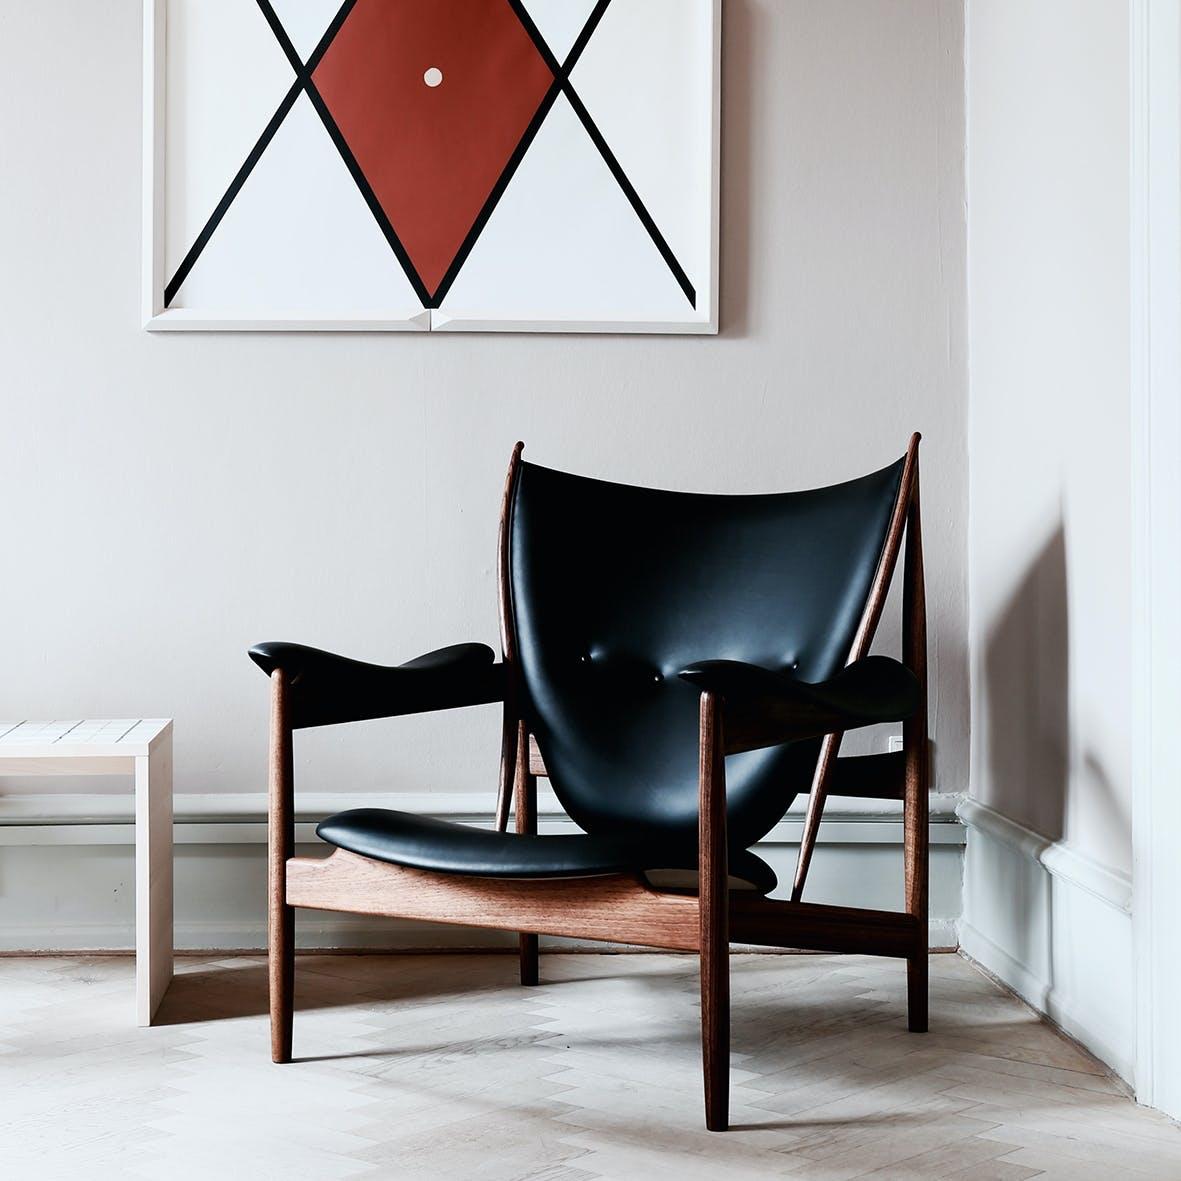 lænestol dansk design 7 lænestole fra danske design koryfæer | bobedre.dk lænestol dansk design